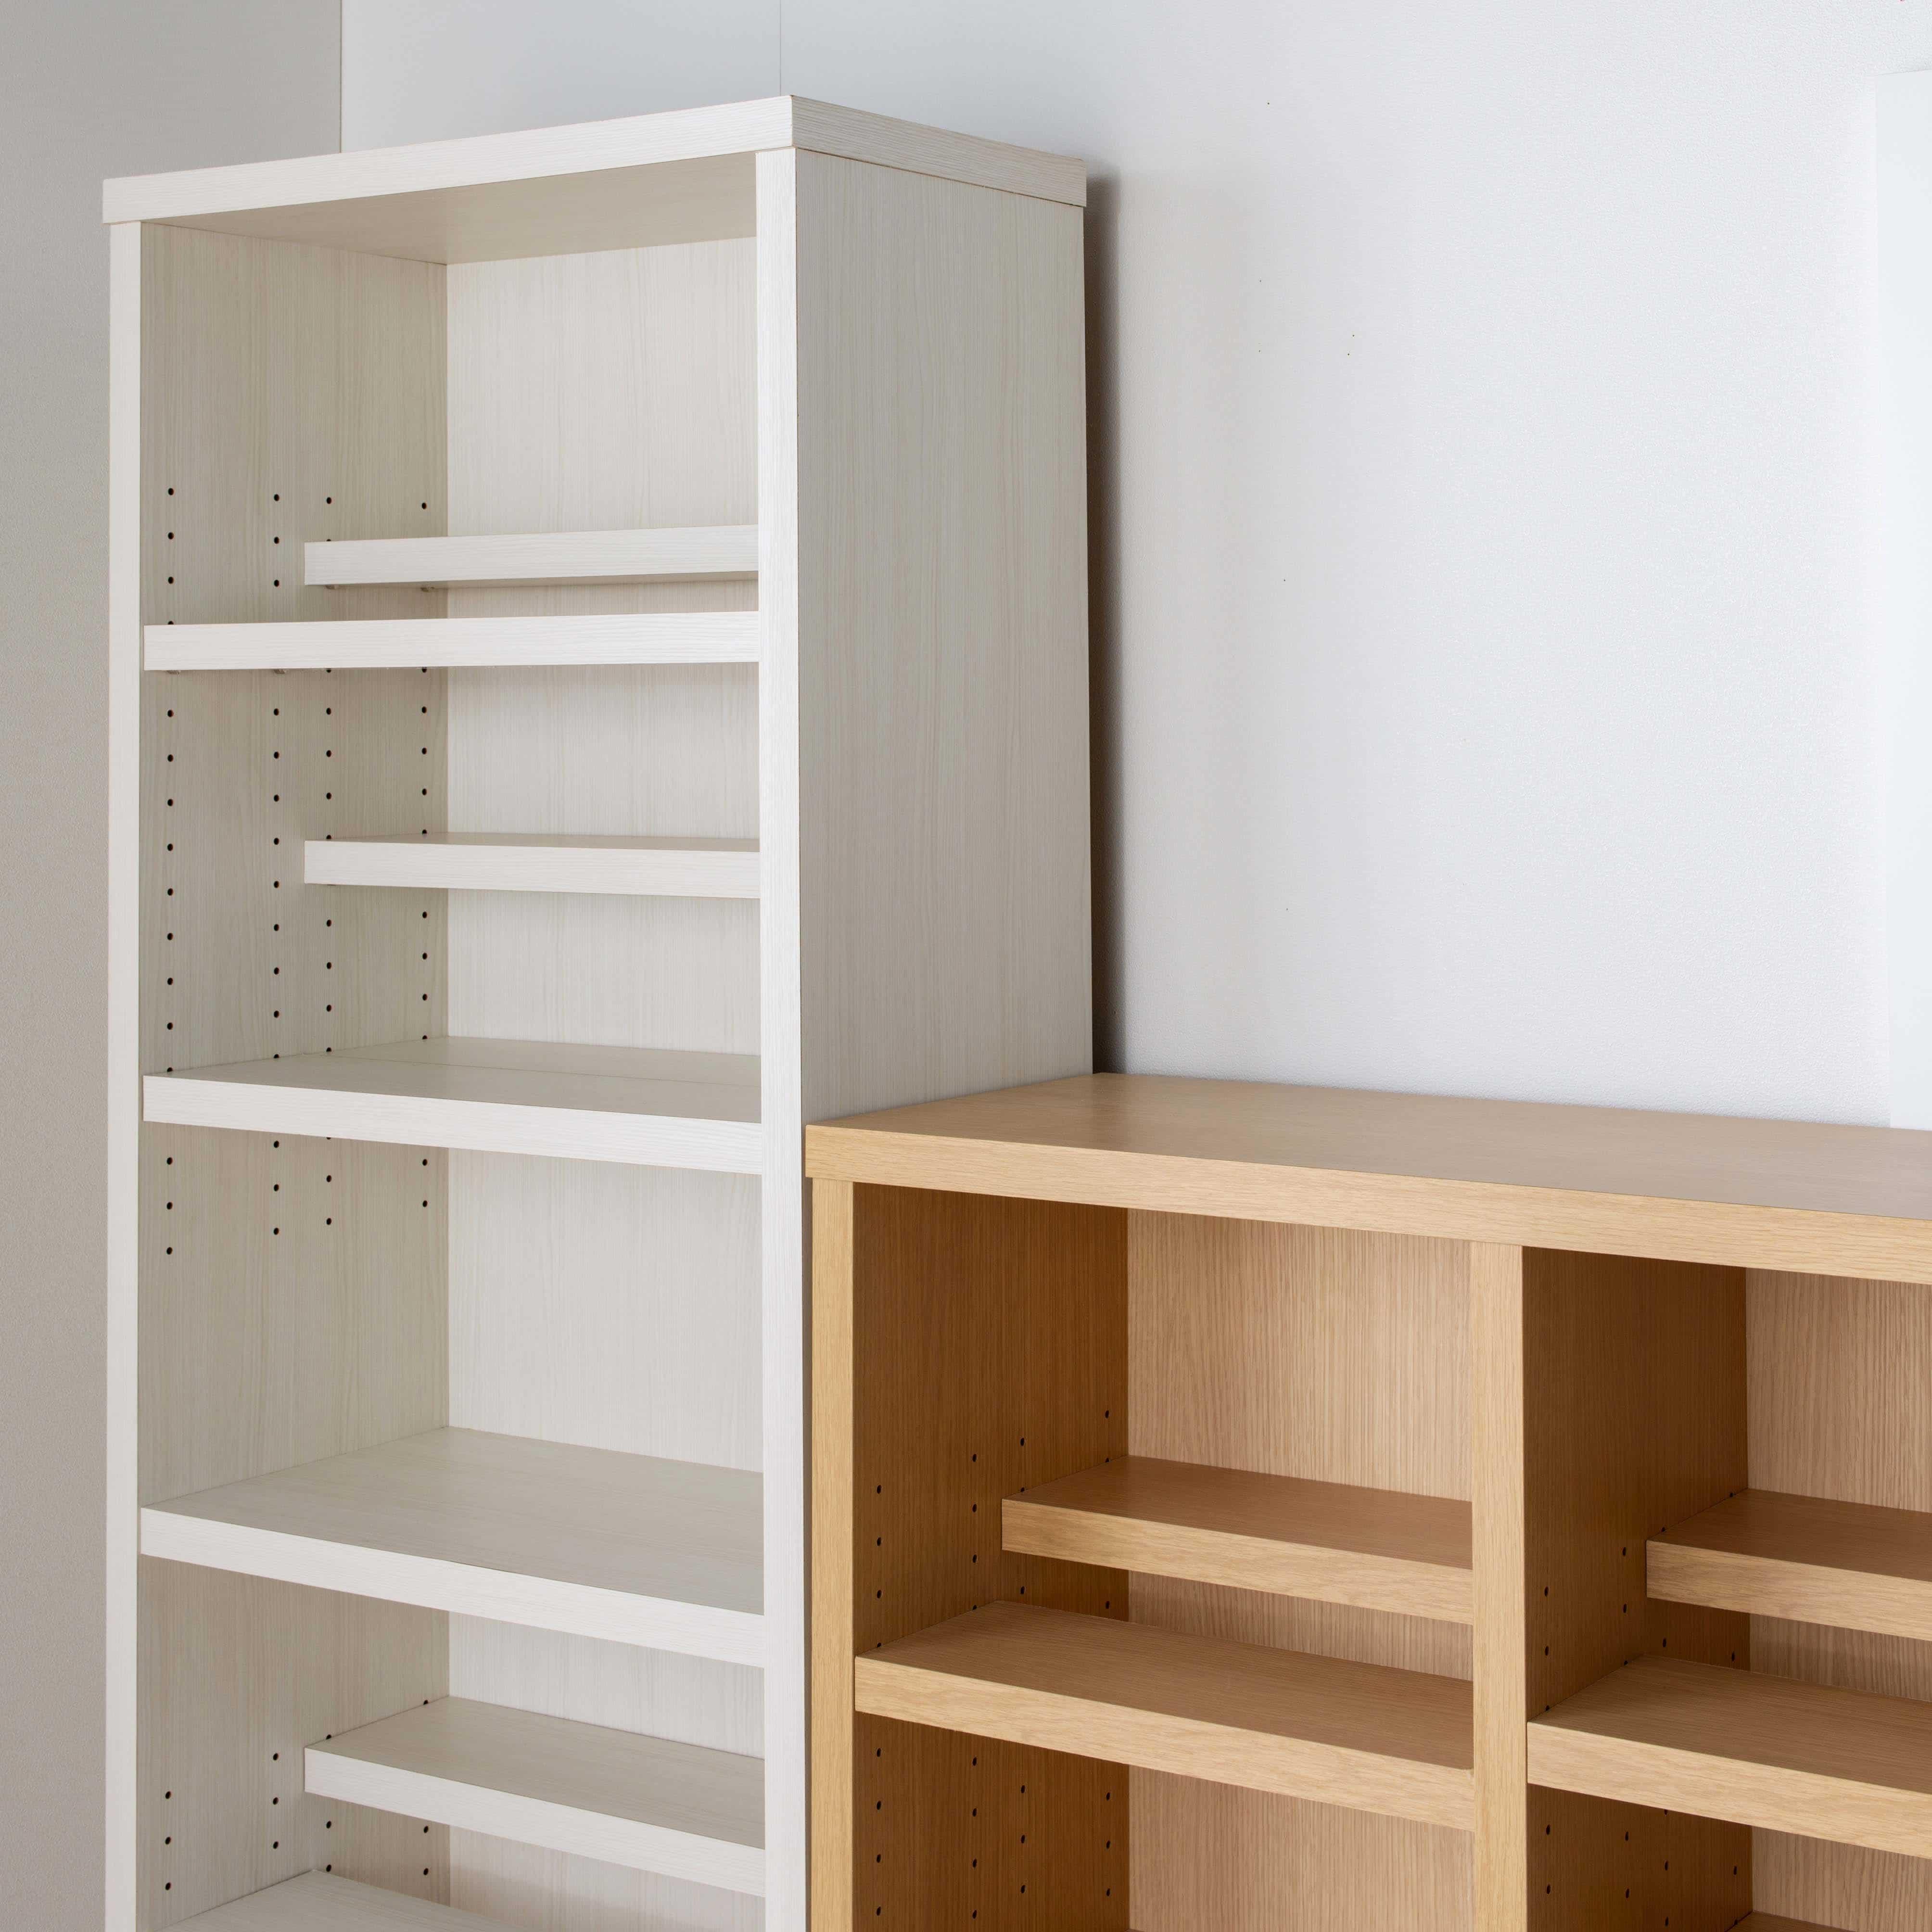 書棚 スカーラ 40Hフリーボード (ダークブラウン):ロータイプはサイドボードとしても使用可能